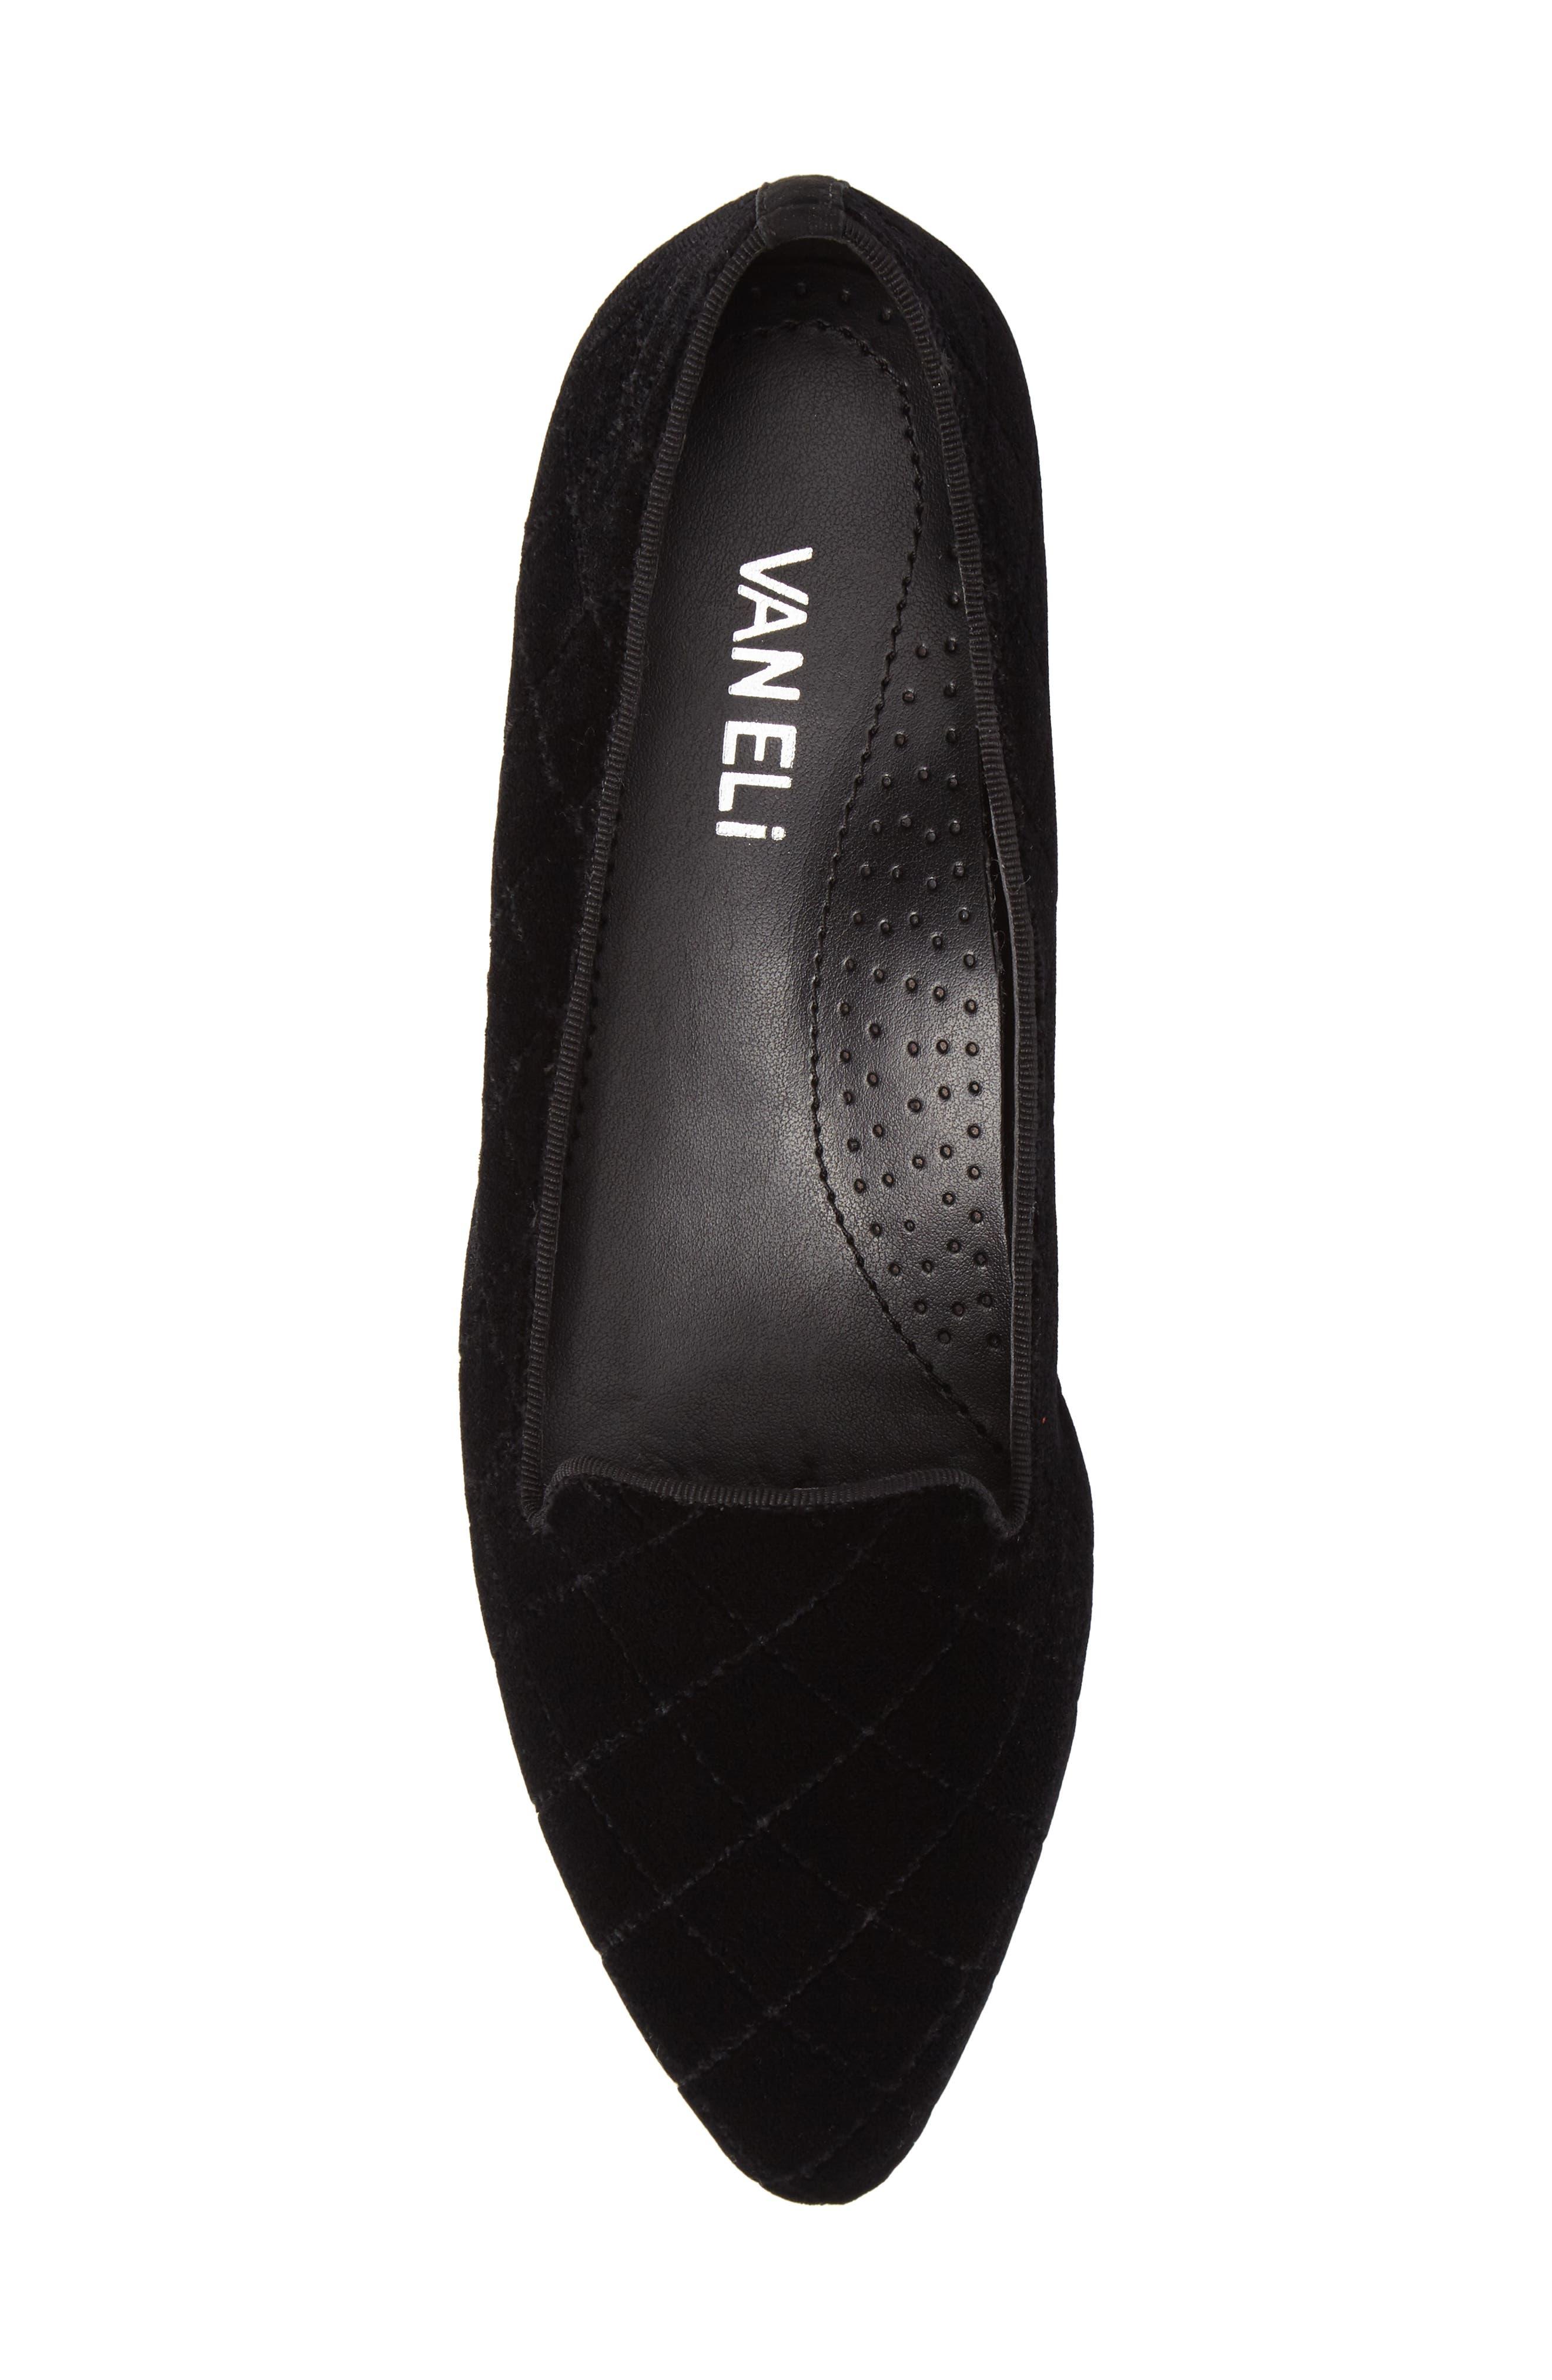 Gannie Diamond Pattern Loafer,                             Alternate thumbnail 5, color,                             Black Velvet Fabric